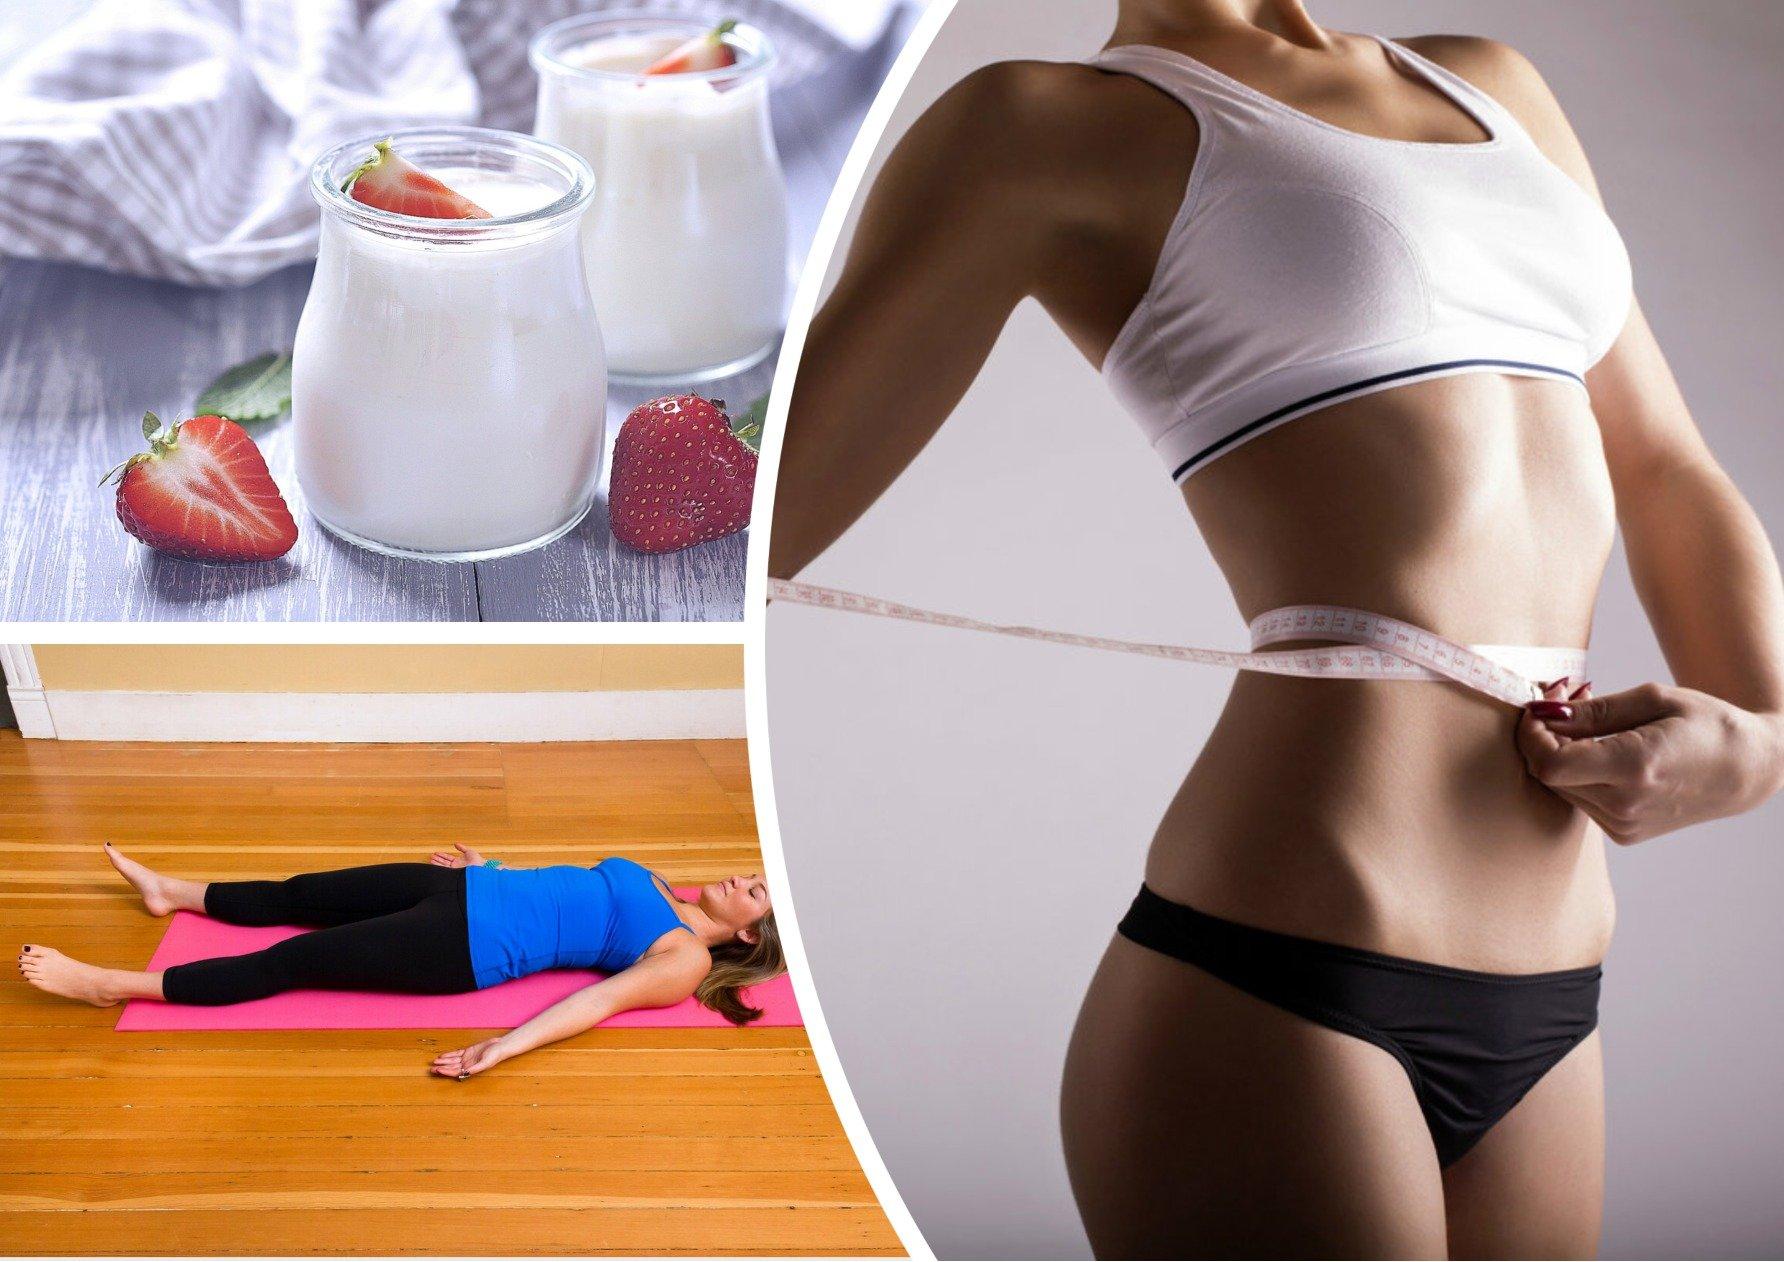 Гимнастика Поможет Похудеть. Список лучших упражнений для похудения в домашних условиях для женщин